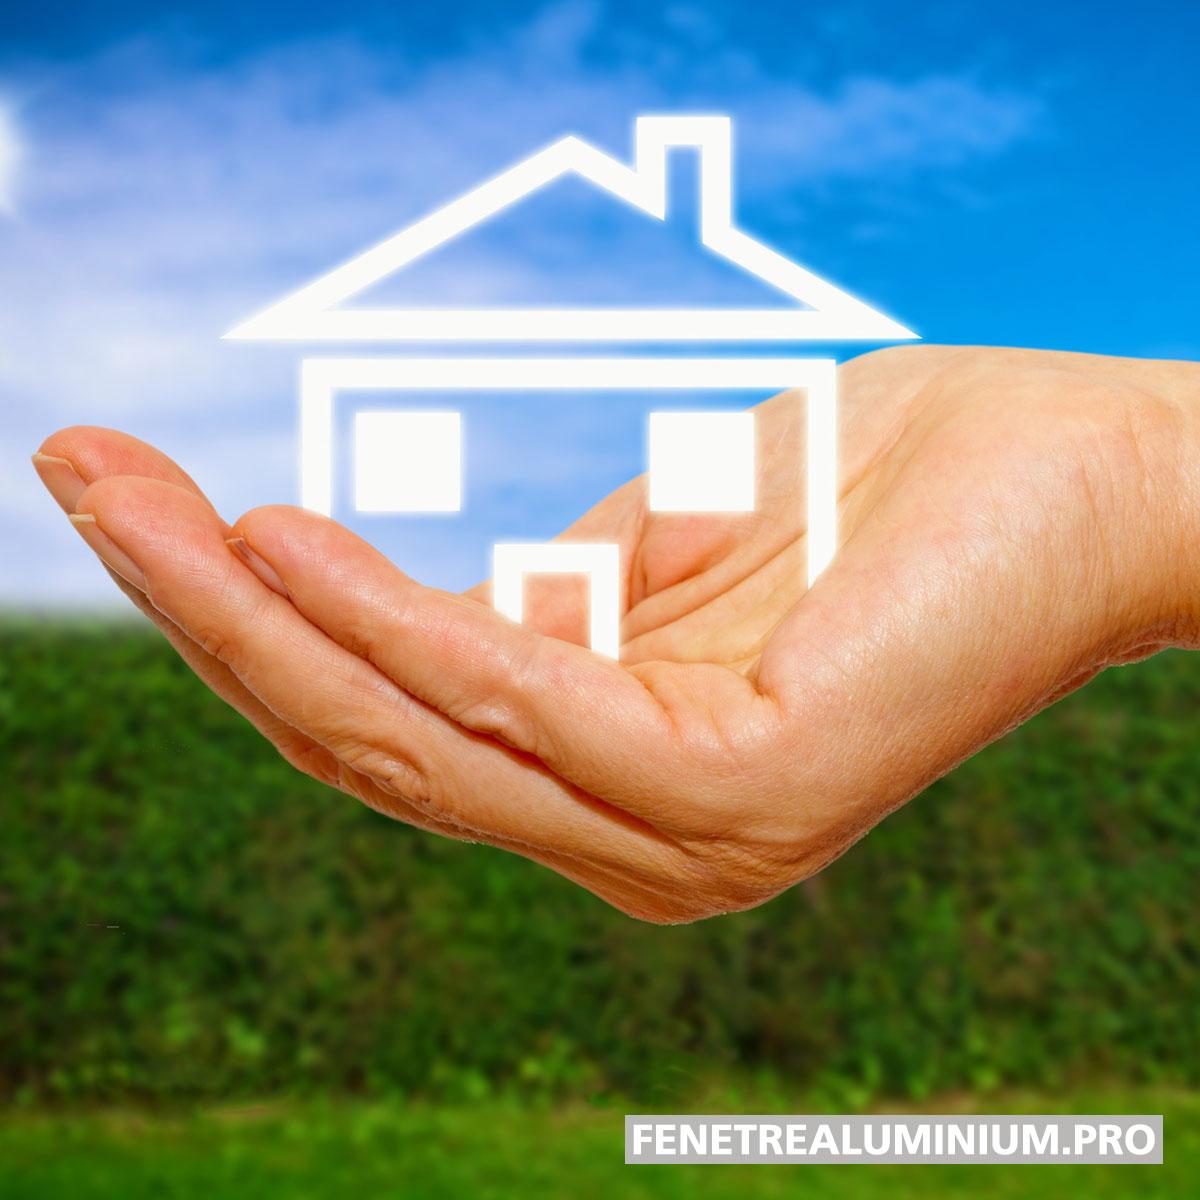 ecologie fenetre maison